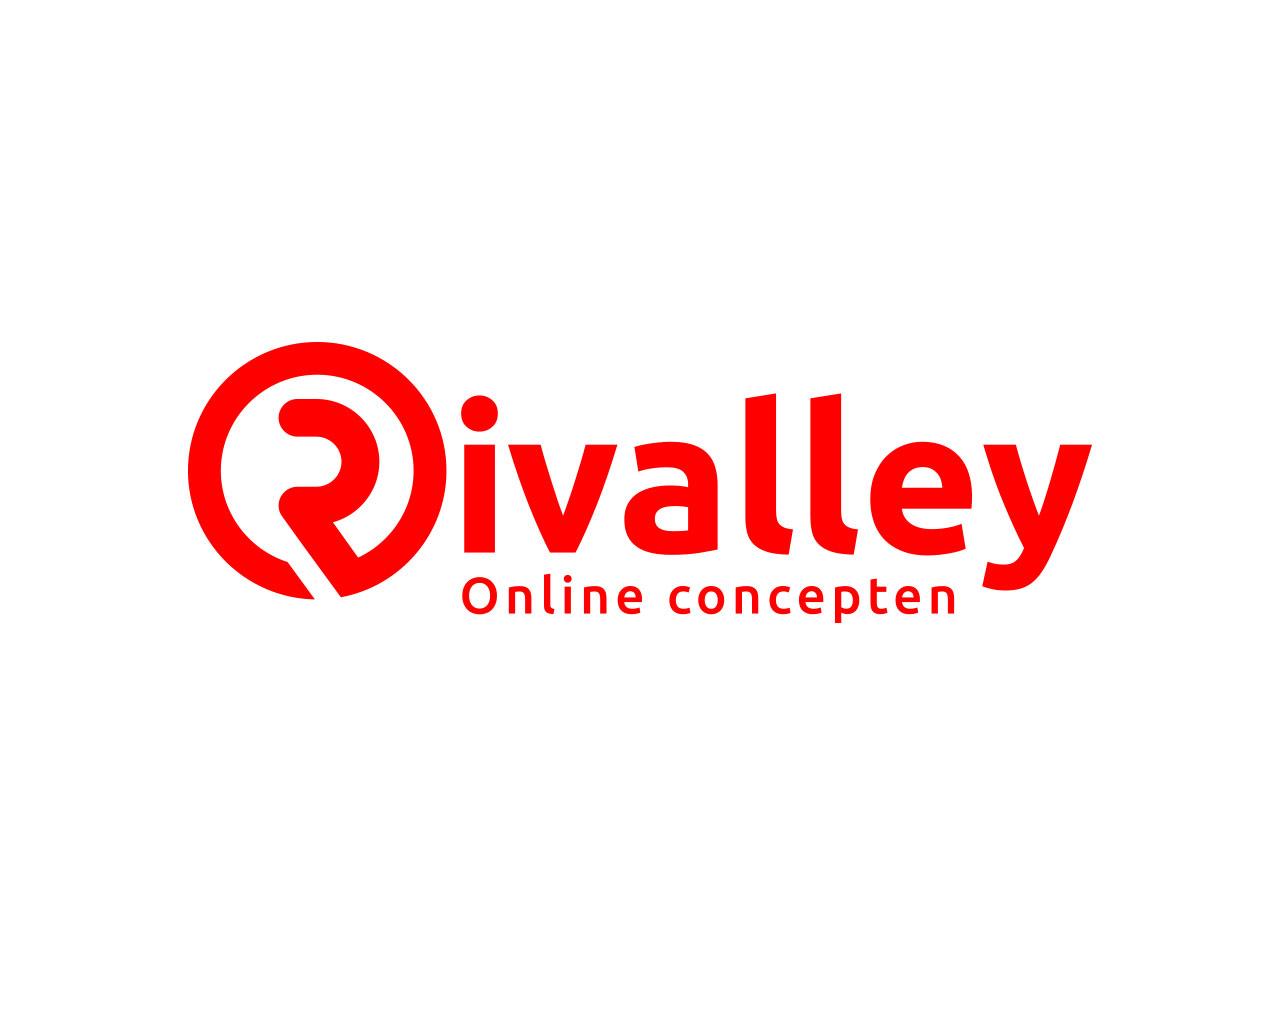 logo rivalley